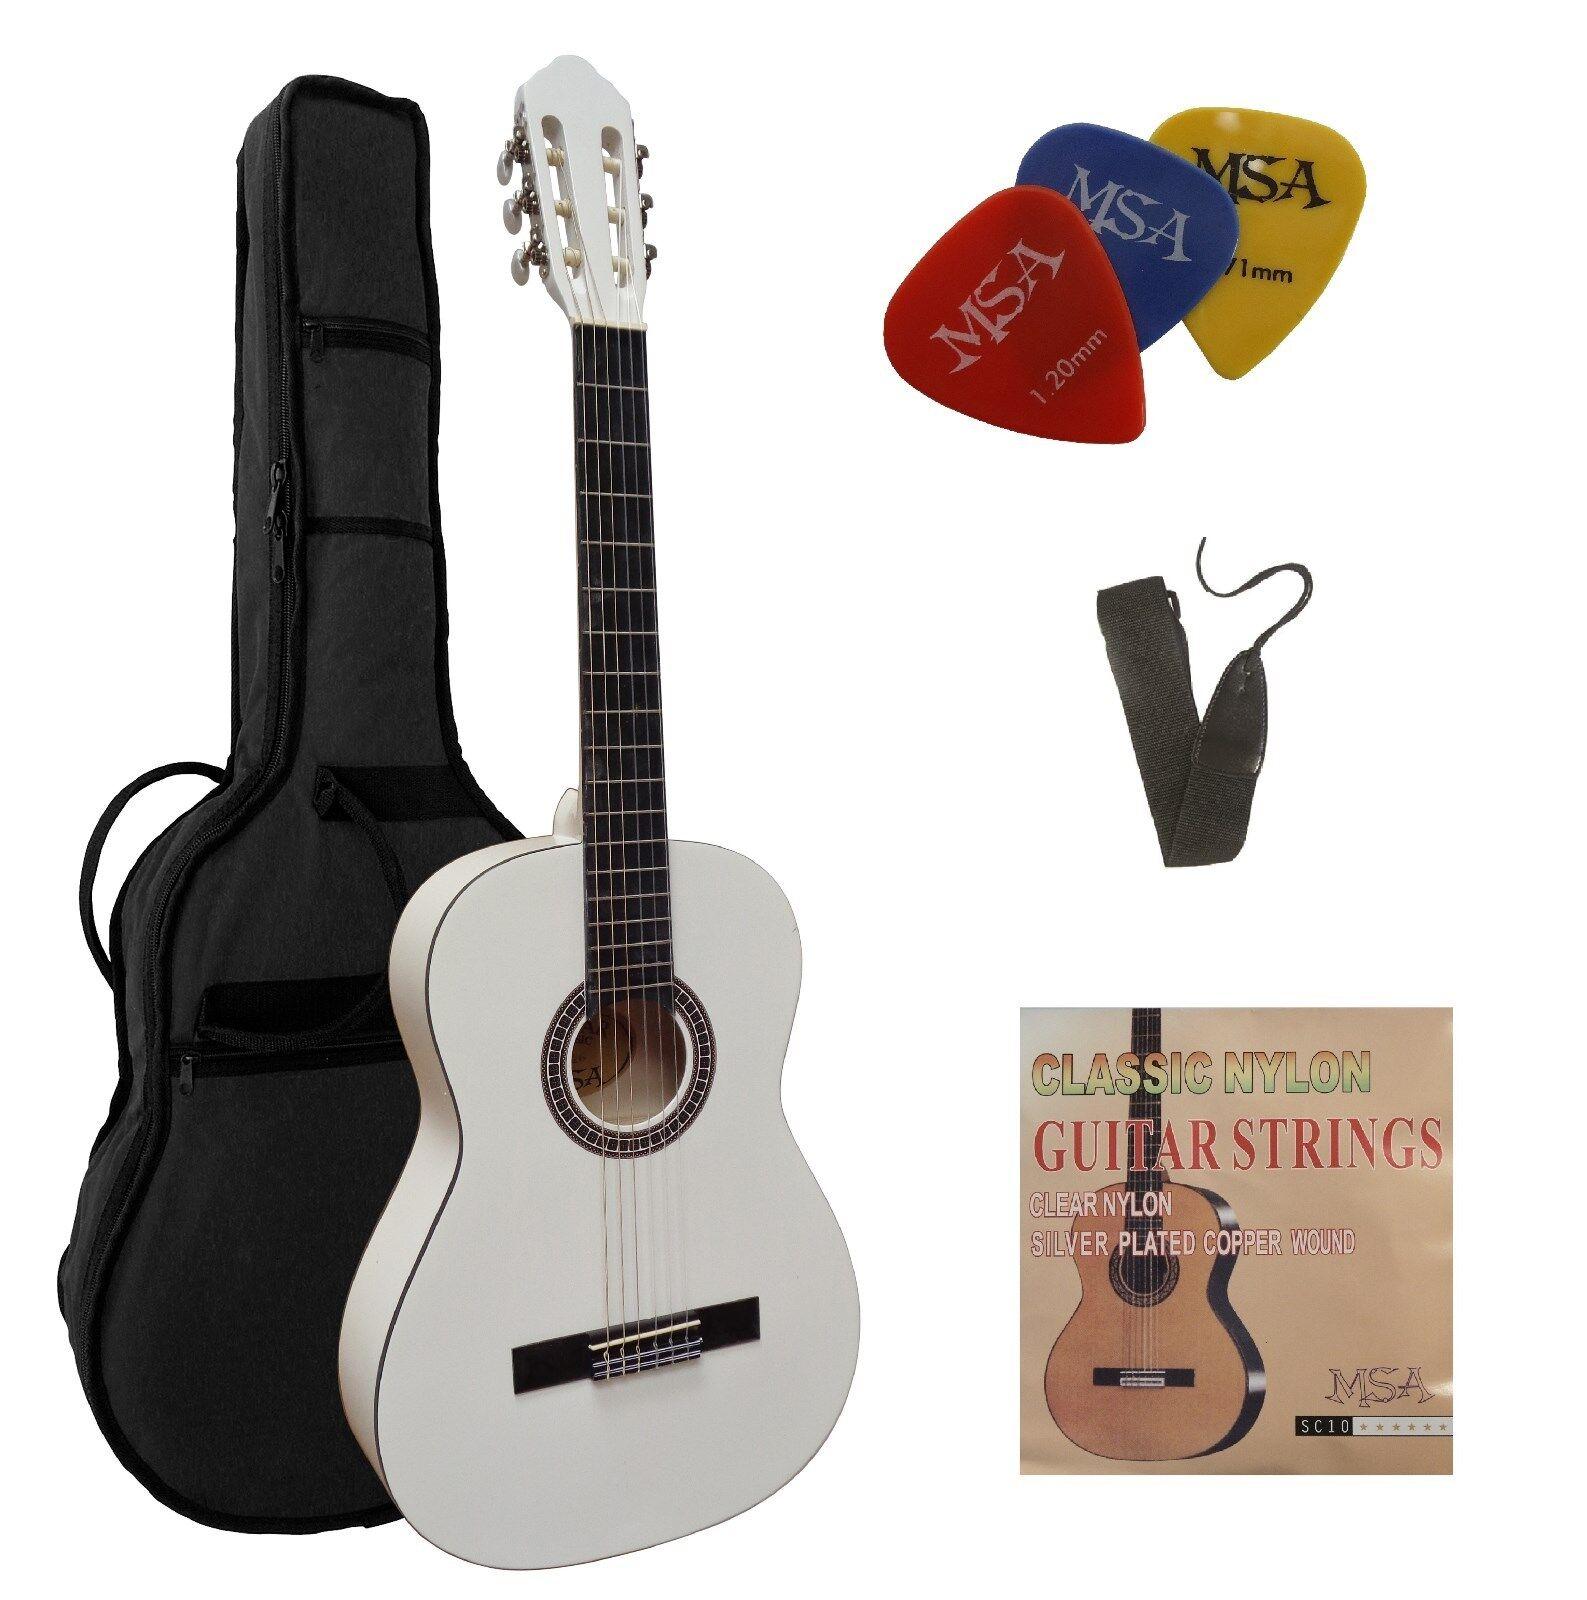 Guitarra-concierto Guitarra-concierto Guitarra-concierto 7 8, Set-bolsa, cinturón, cuerdas - 3xpik, diferentes Colors, accesorios  n  tienda de bajo costo